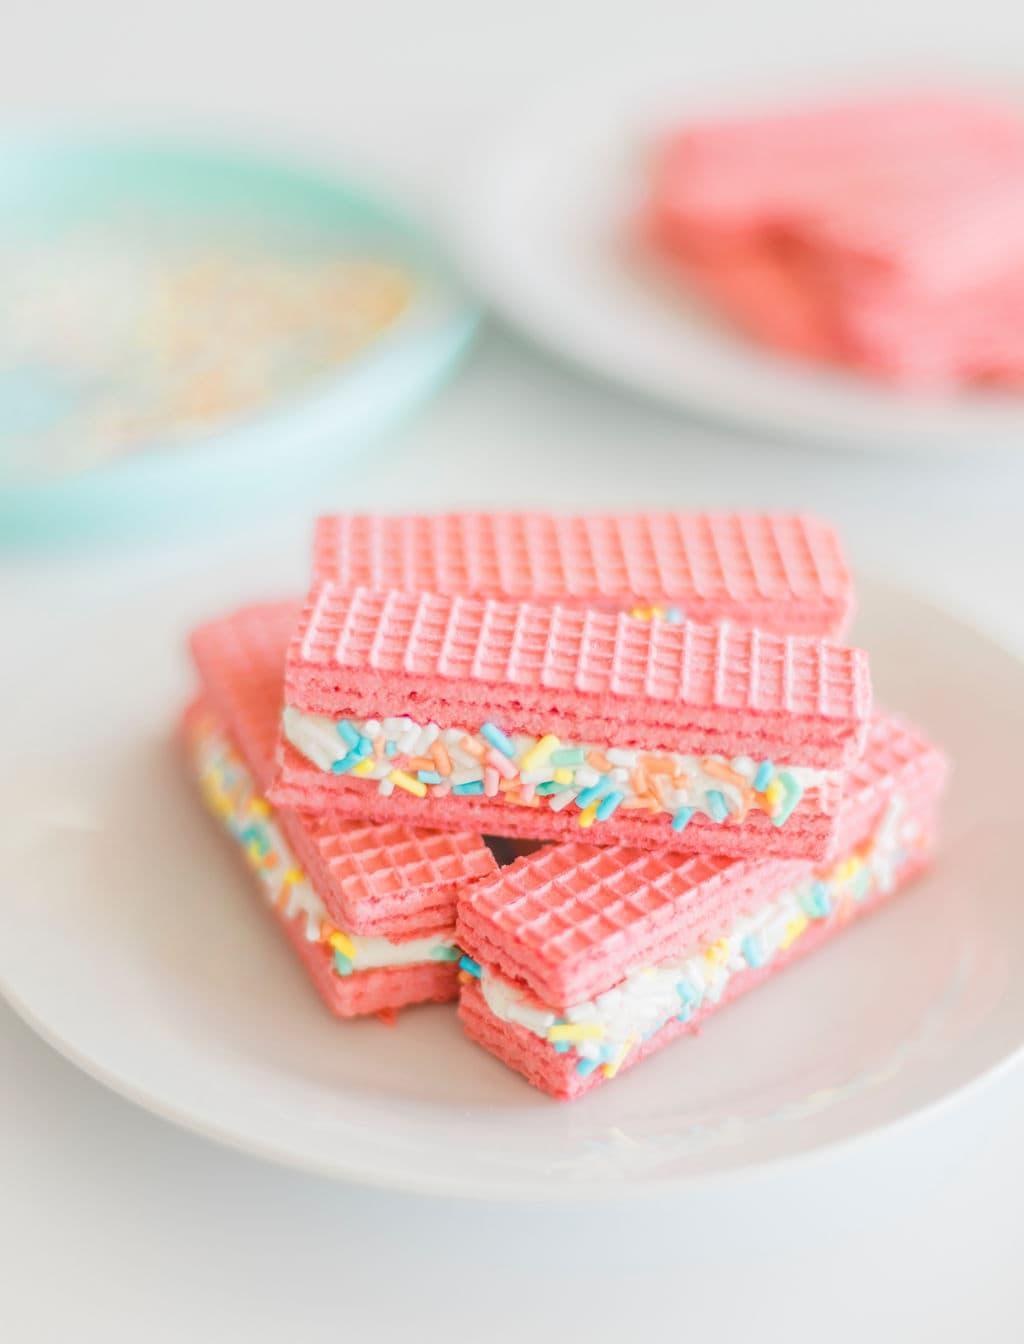 Easy Sprinkle Desserts